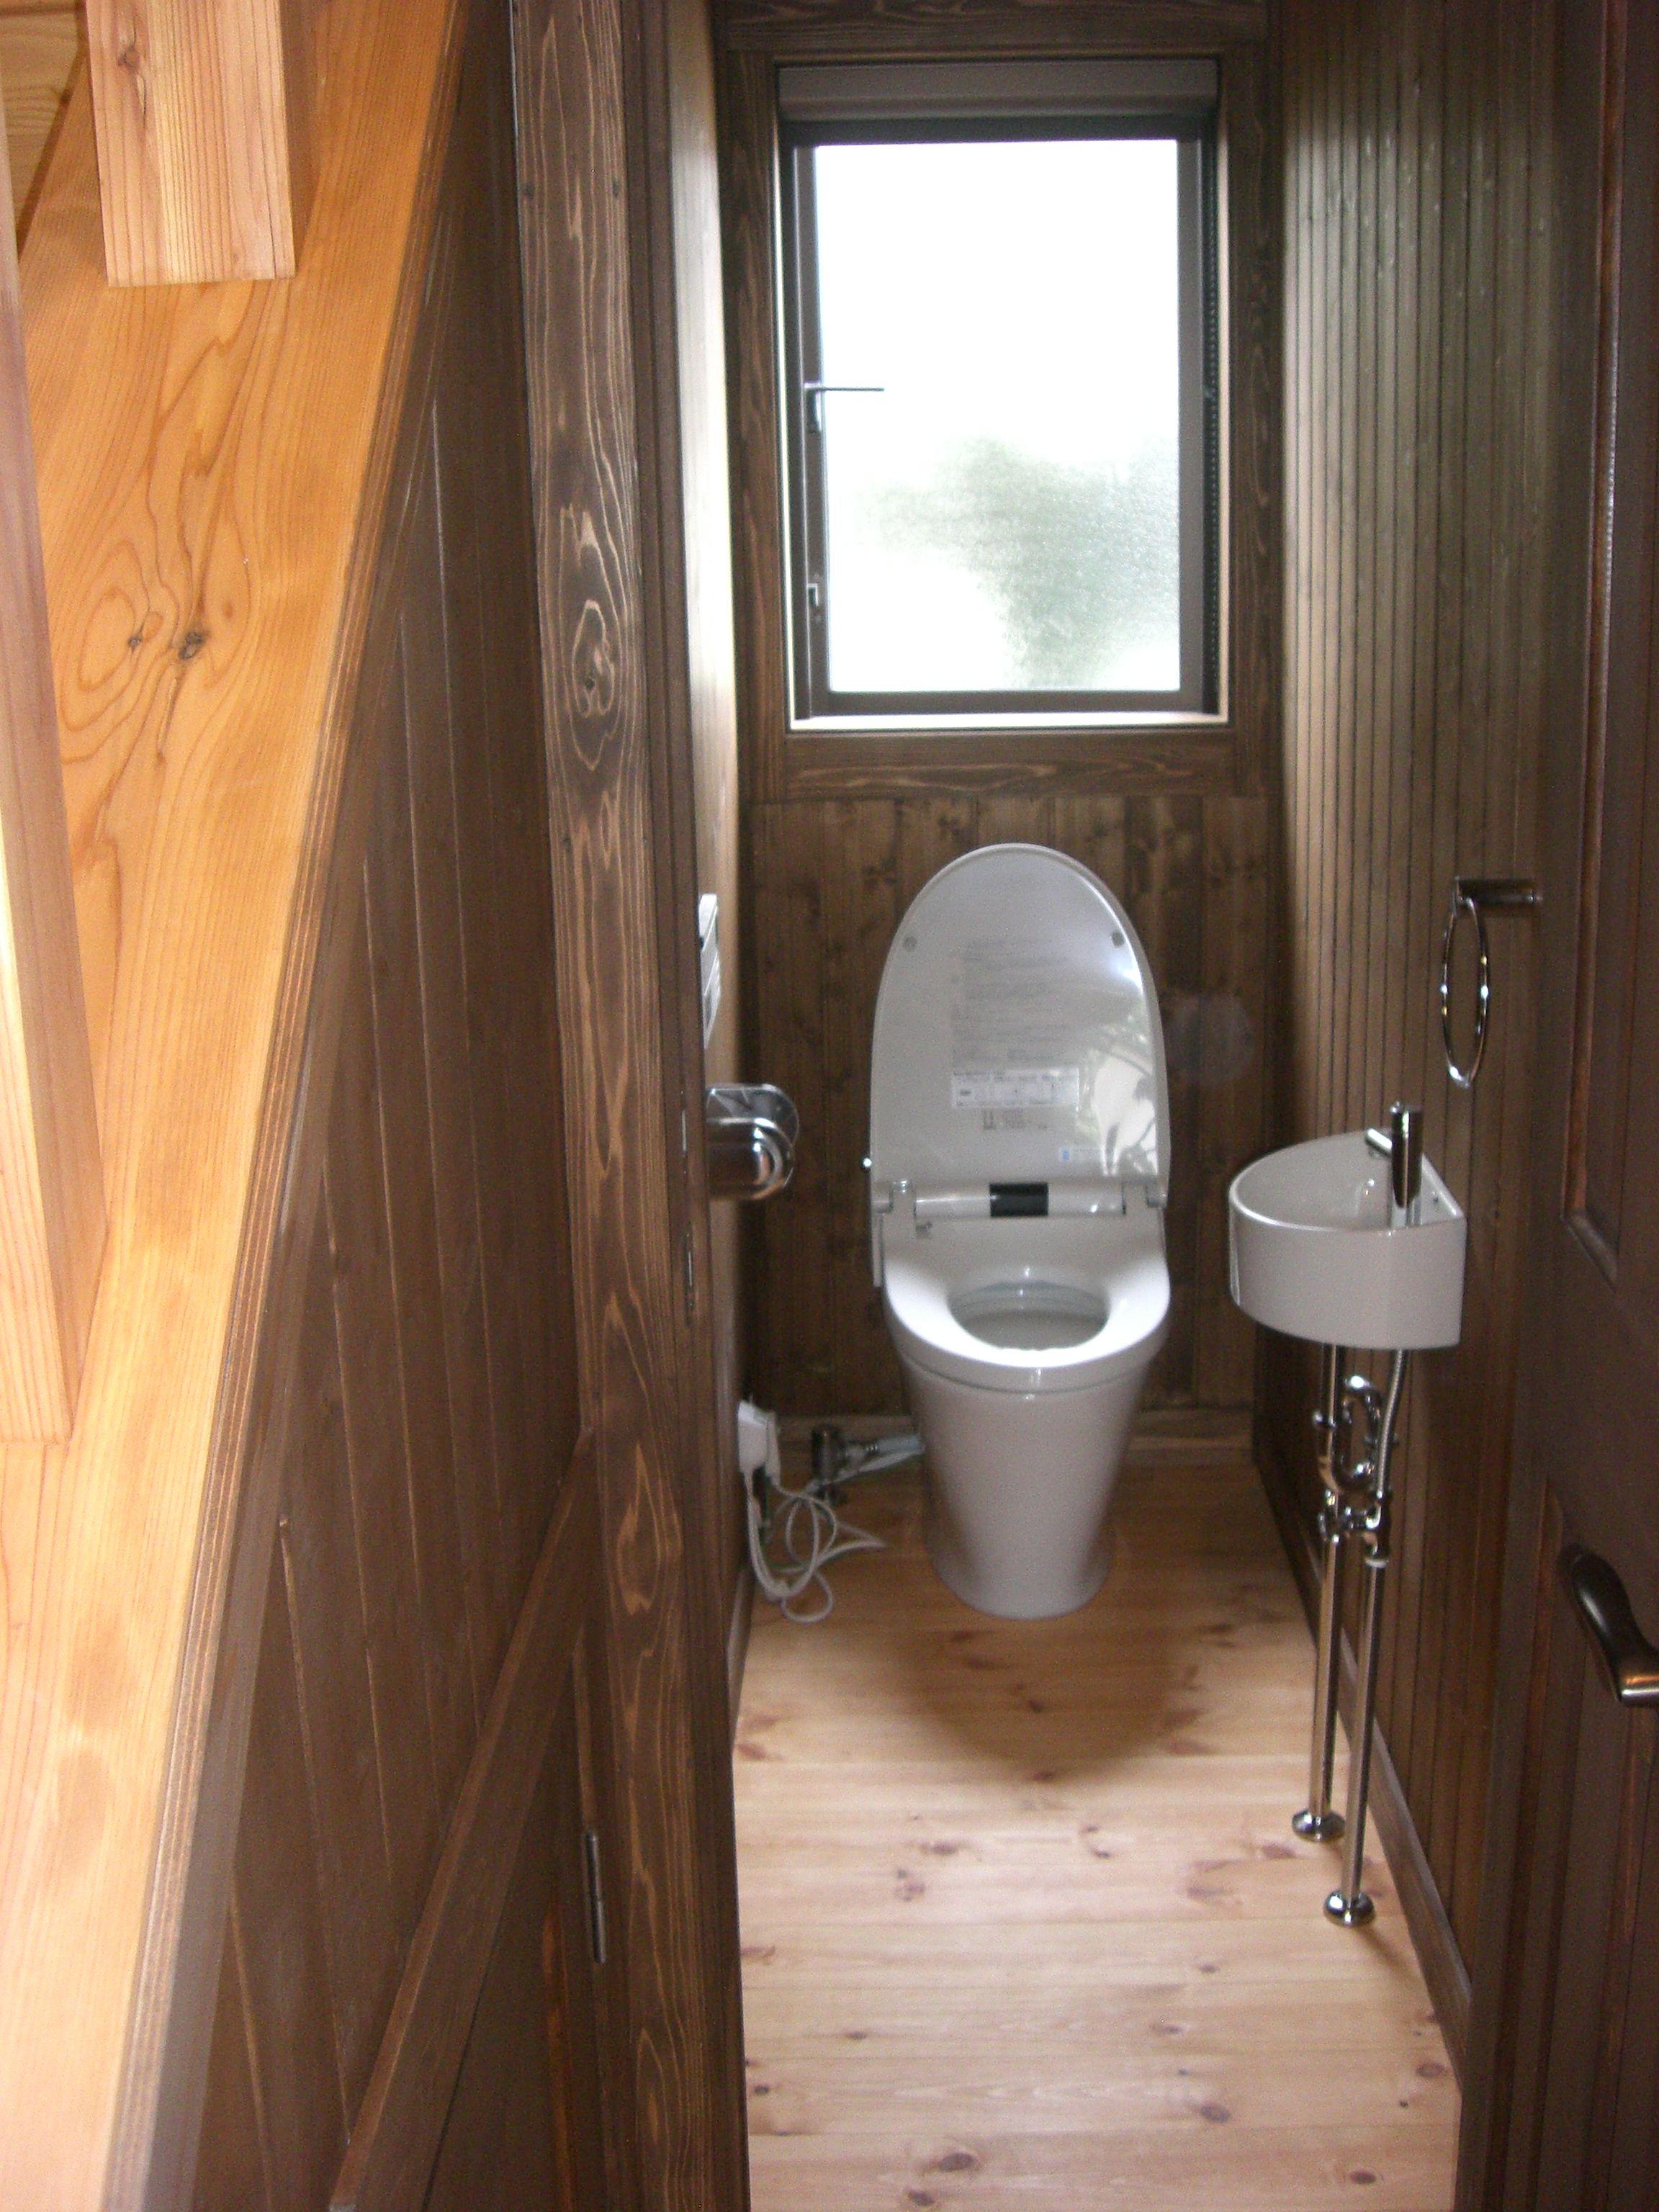 lixilタンクレス 狭小手洗 トイレ おしゃれ トイレ インテリア